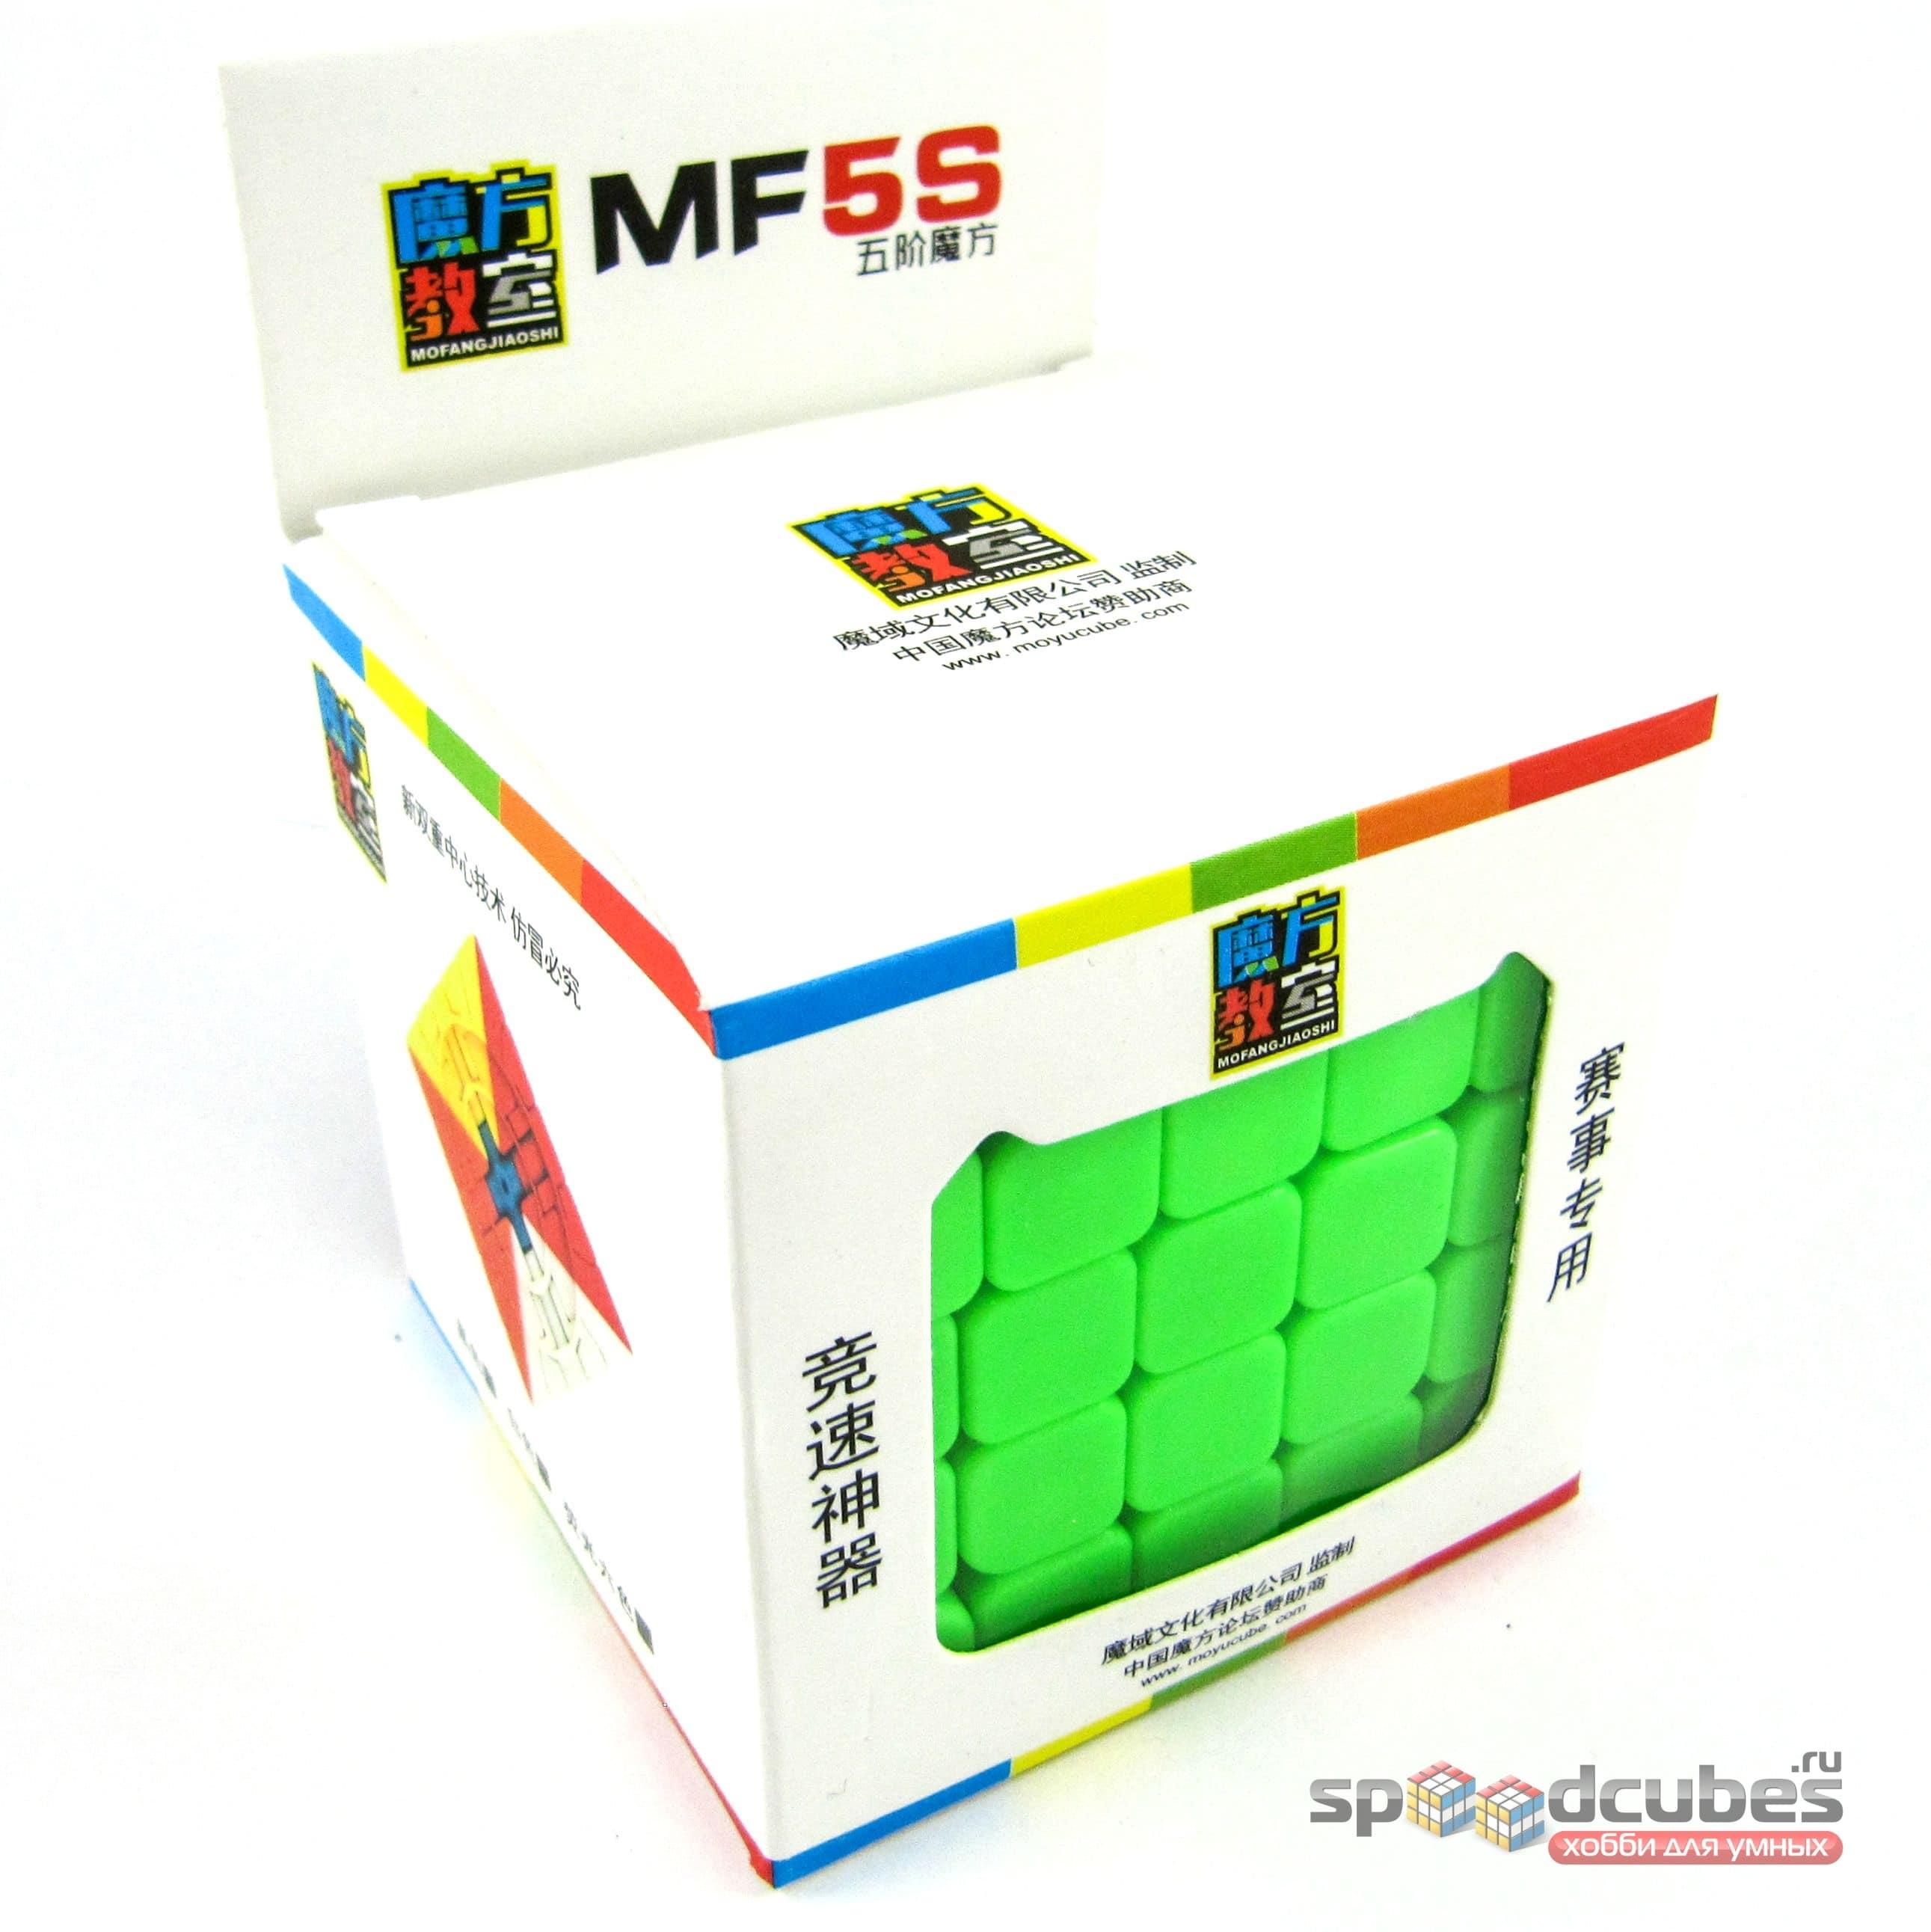 Moyu 5×5 Mofangjiaoshi Mf5s 14